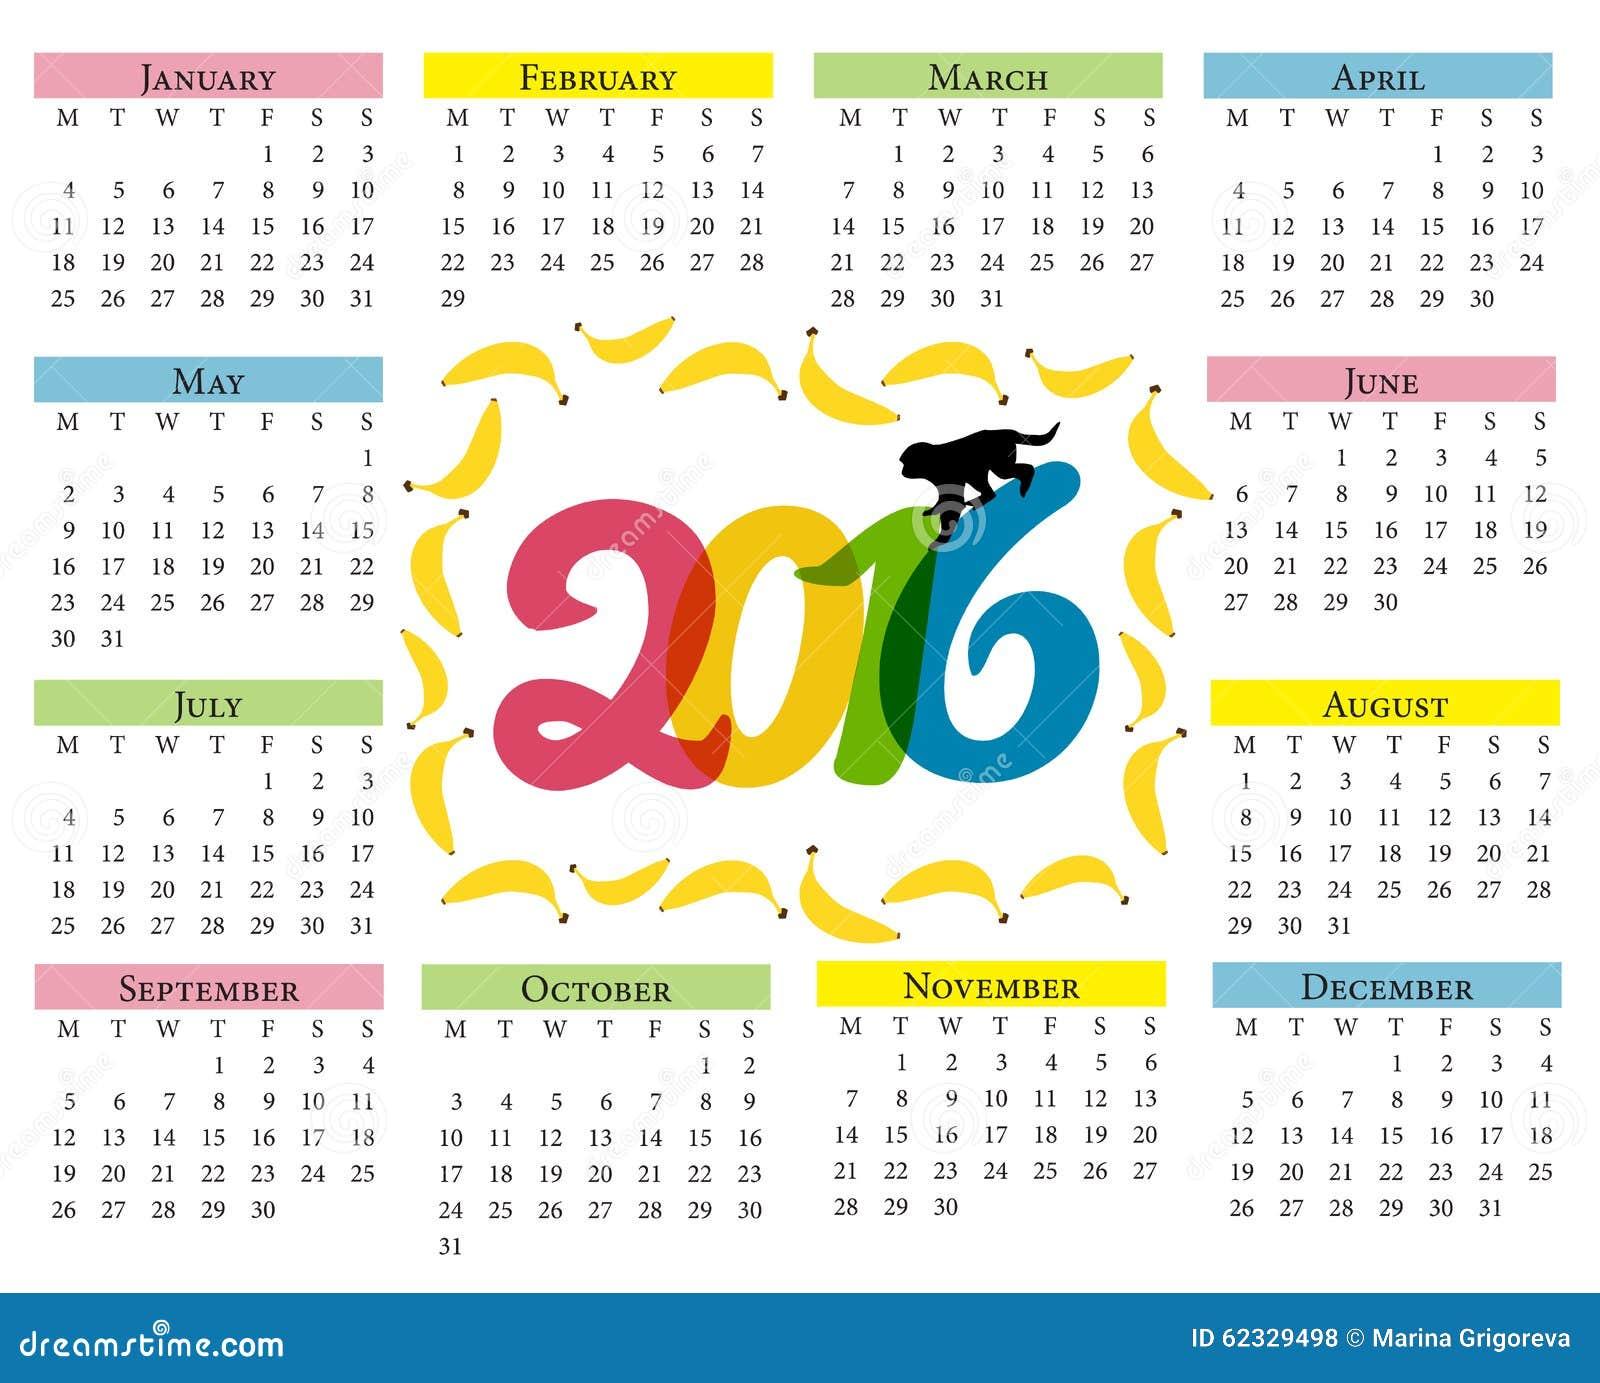 Calendario Oroscopo.Oroscopo Calendario Ikbenalles